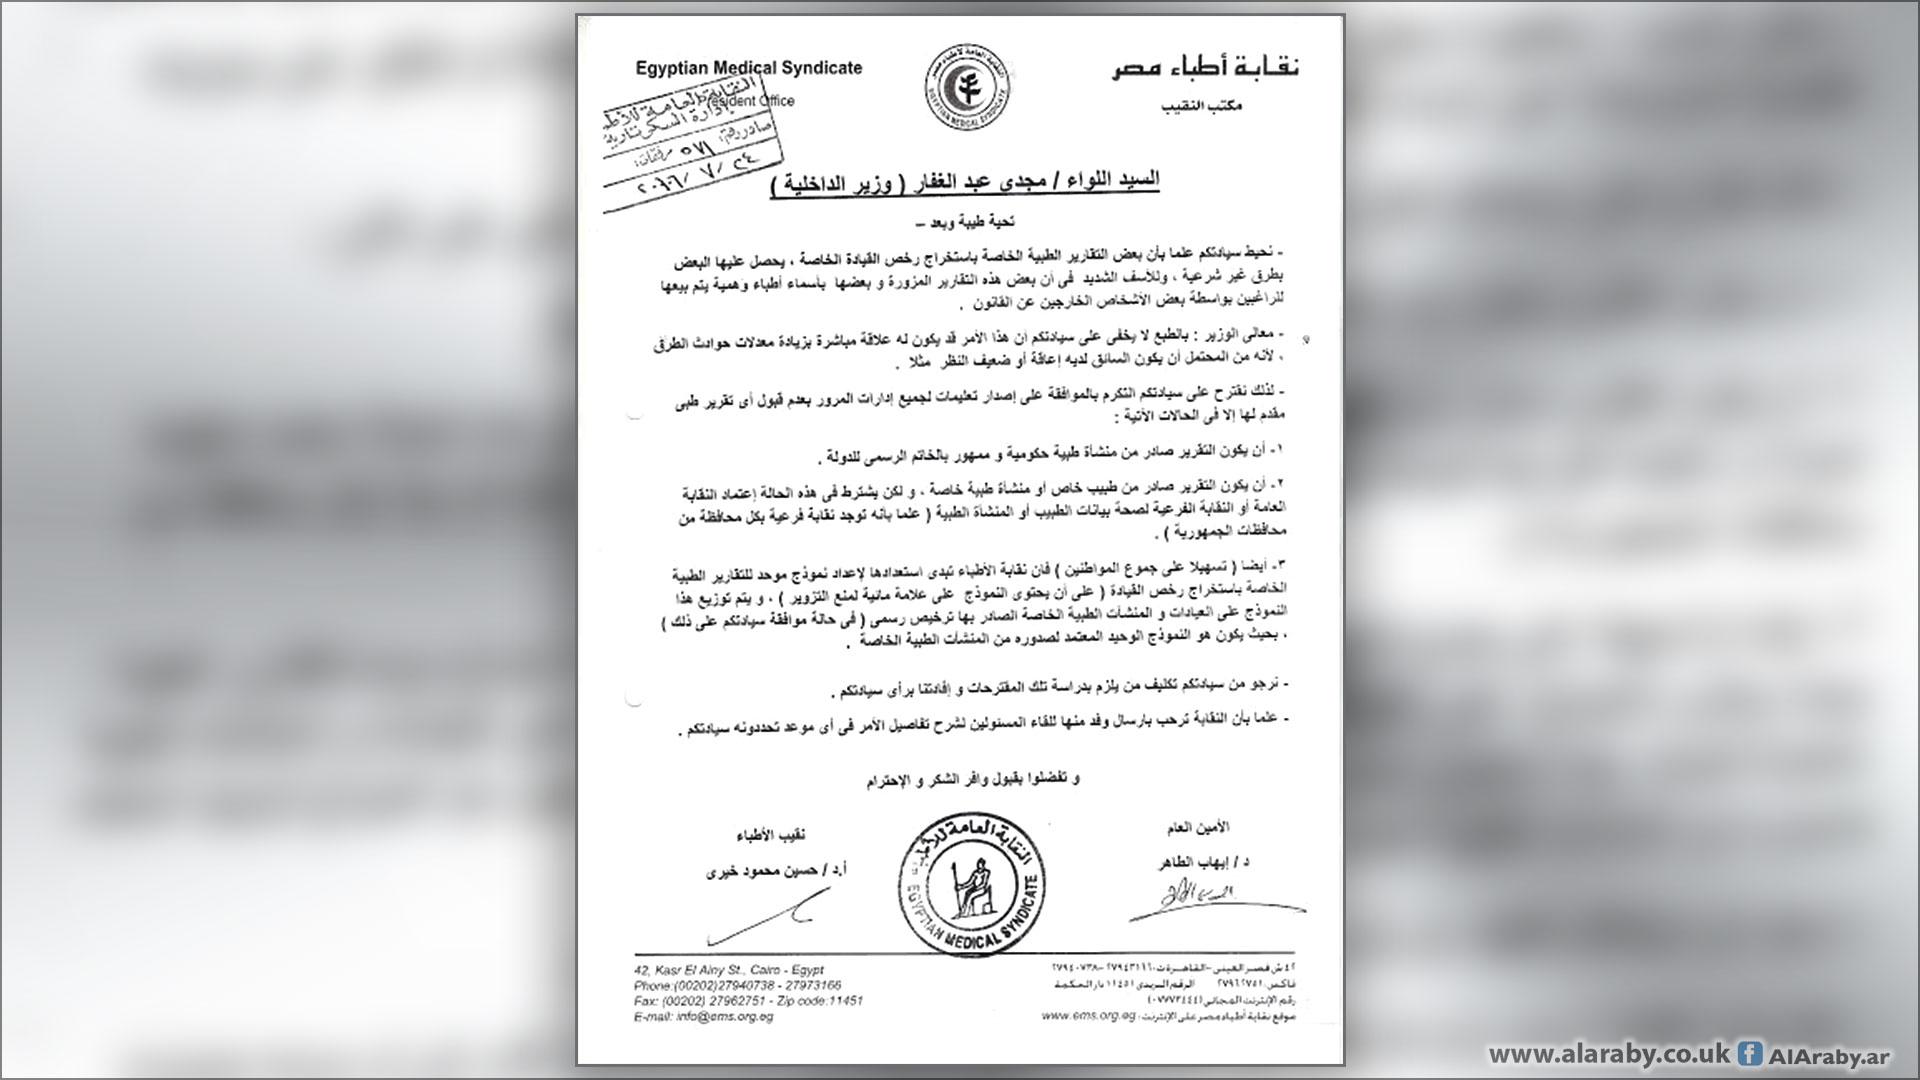 مافيات الإسكندرية تقارير طبي ة مزو رة عند الطلب